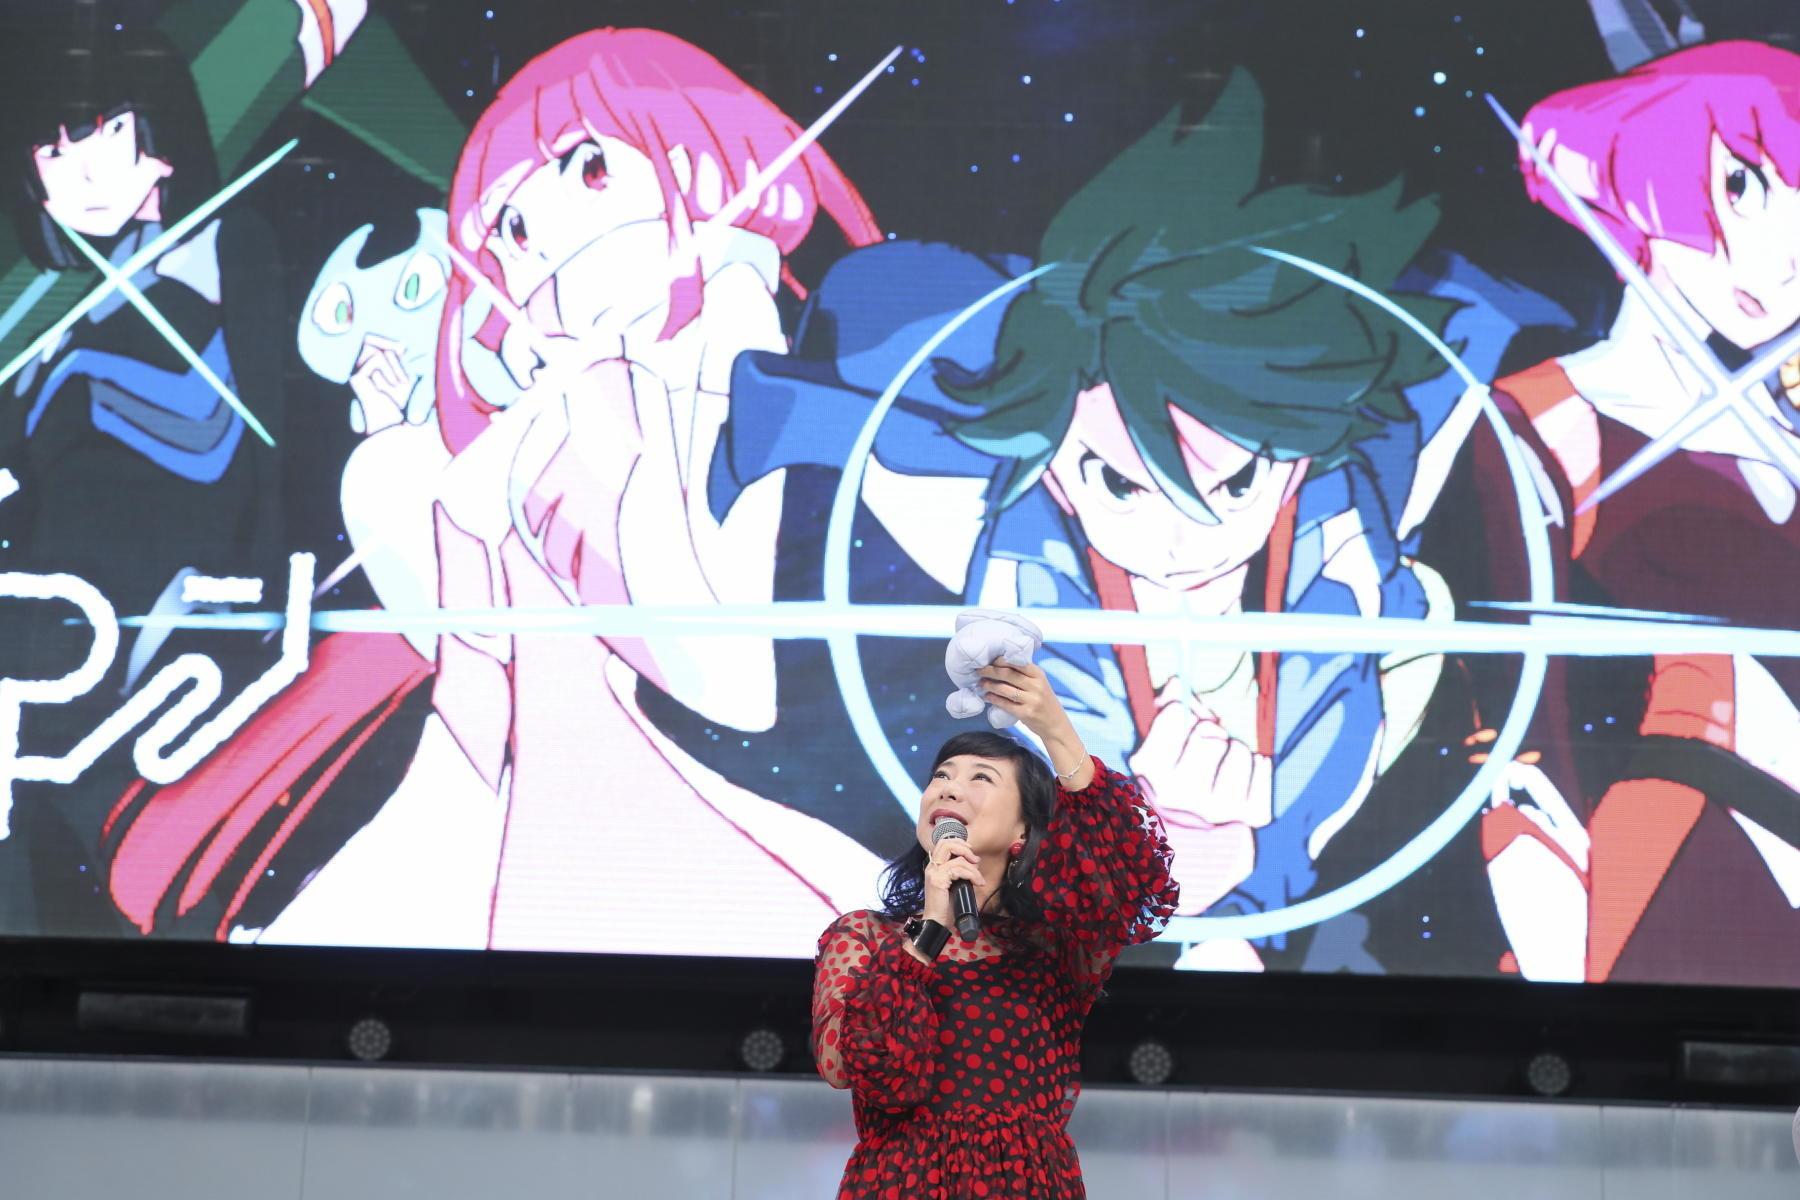 http://news.yoshimoto.co.jp/20180913003031-f74a20557fc4d3d8b3f12b9e78ef43e71c6df946.jpg